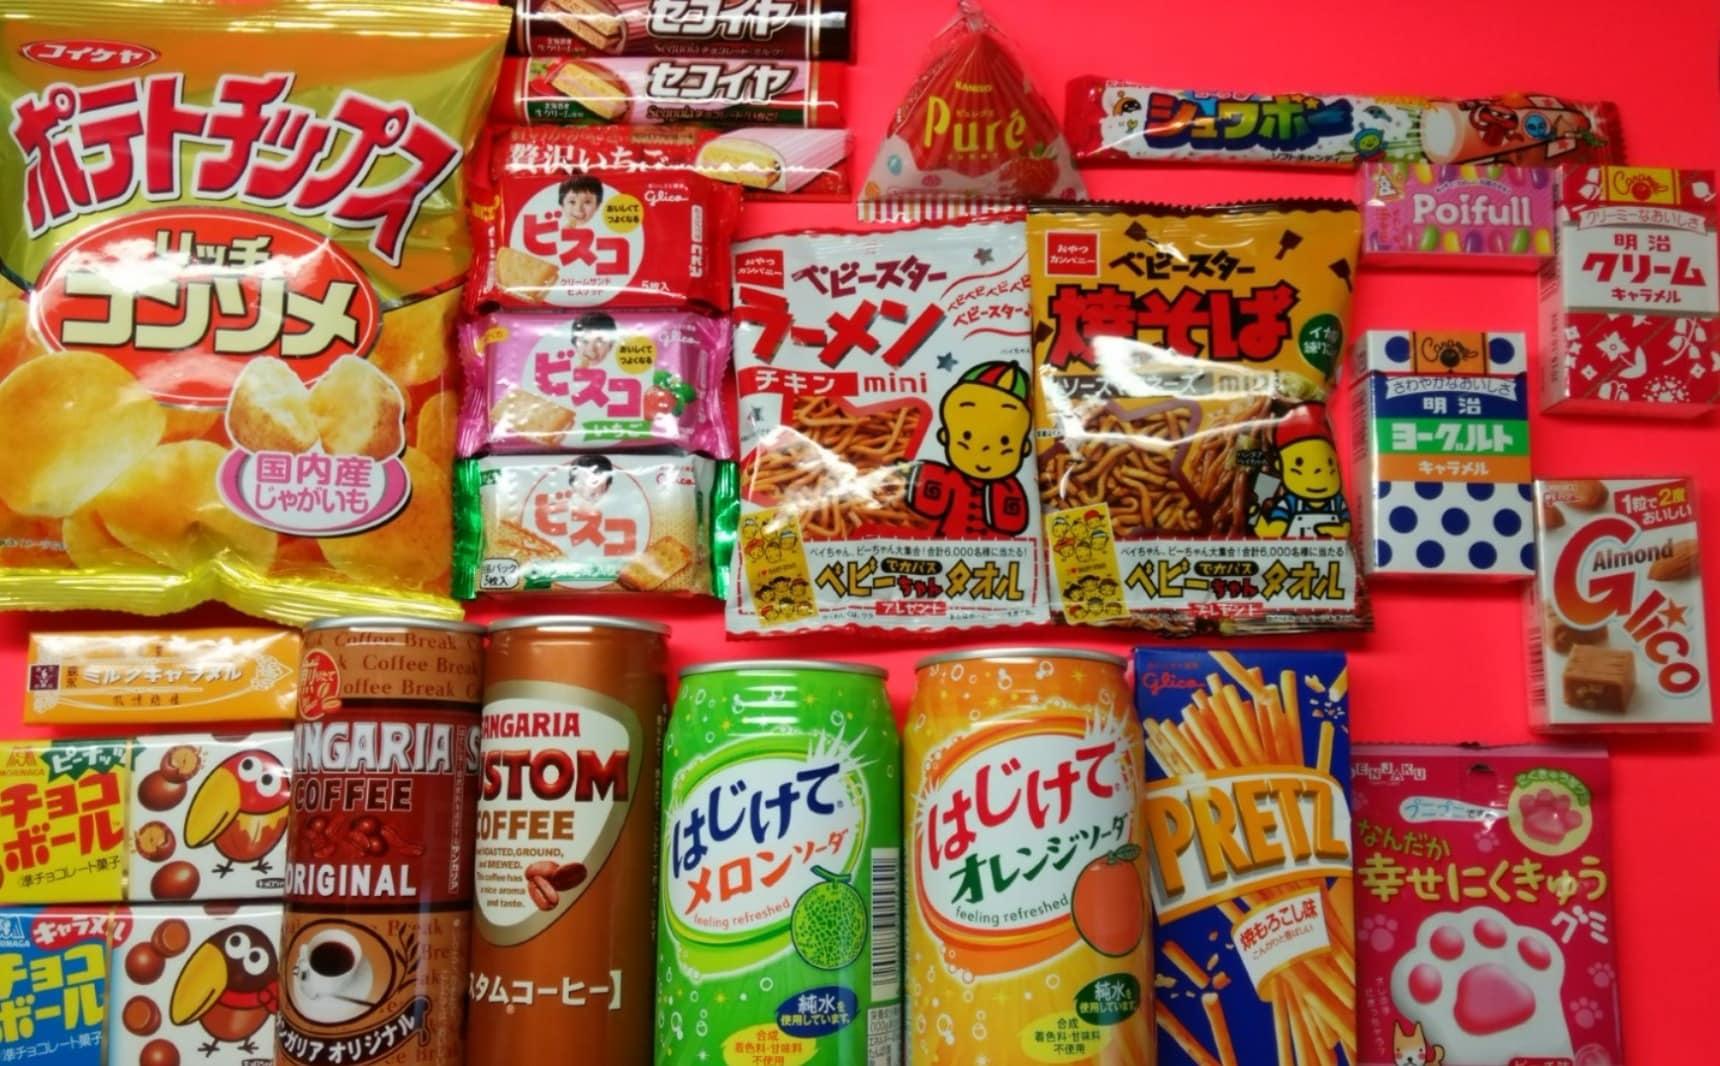 แนะนำ 7 ขนมอร่อยในร้านร้อยเยน